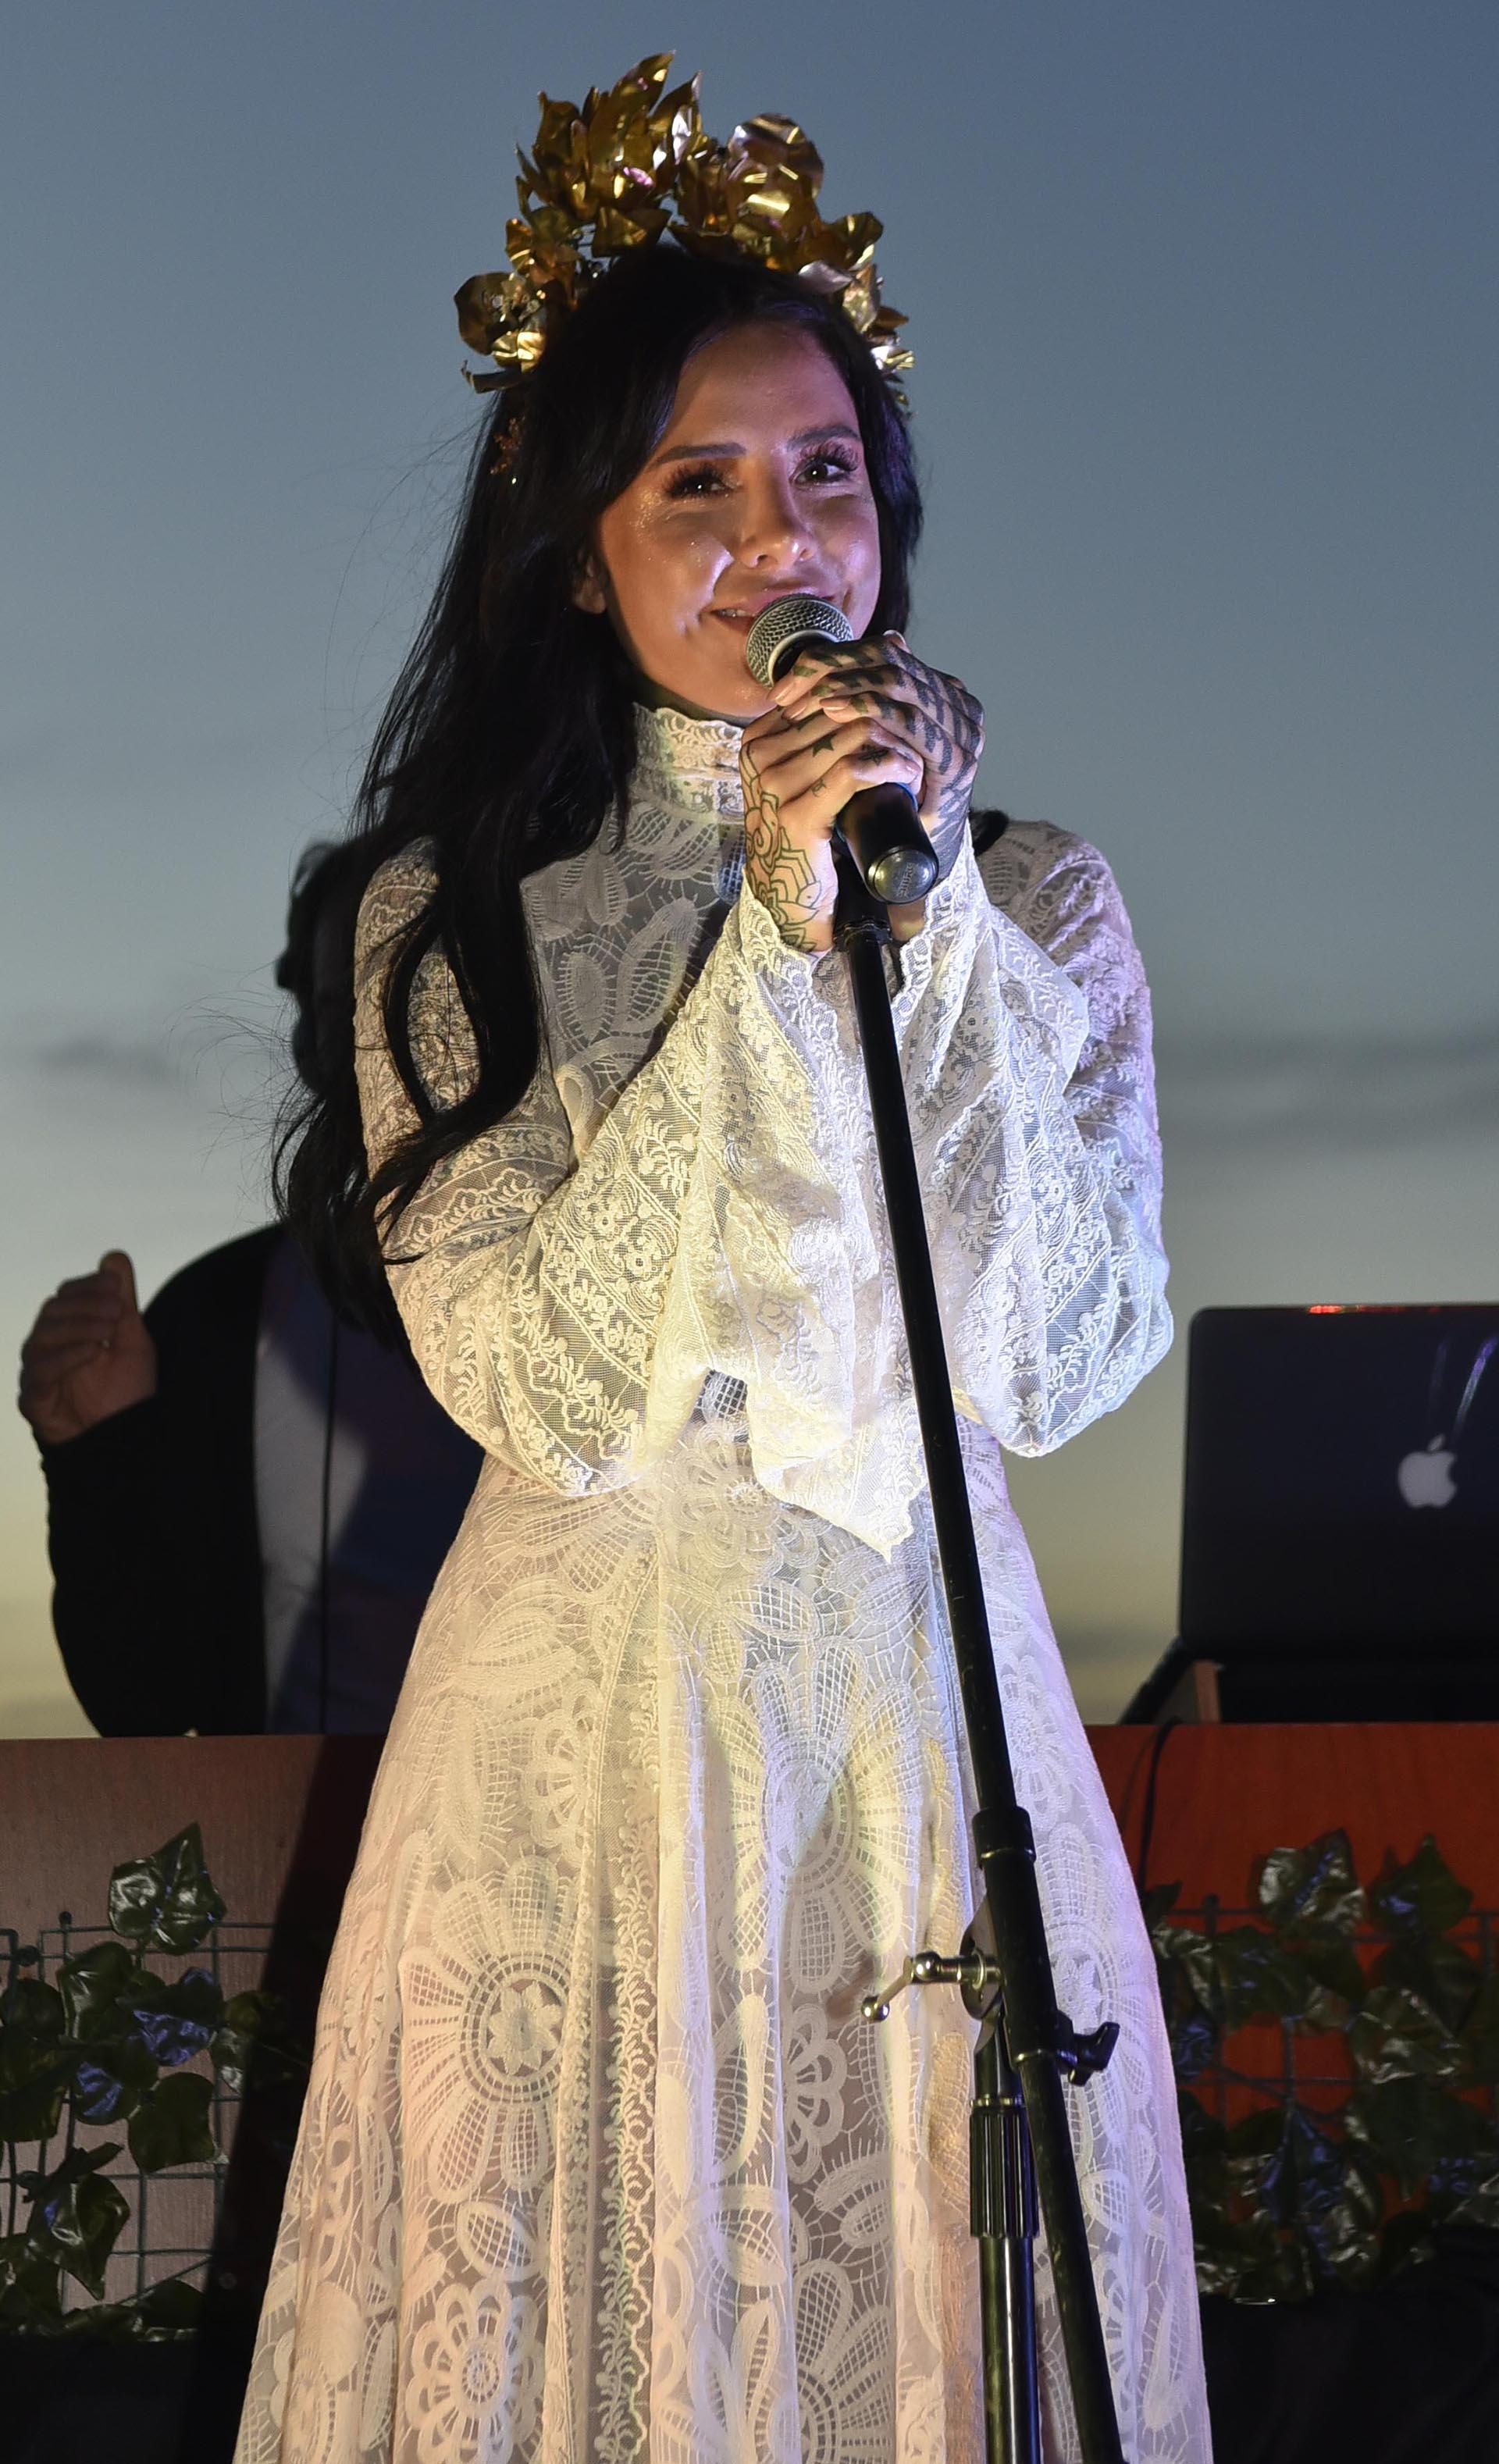 Cande Tinelli en su presentación con vestido largo realizado en encaje con mangas largas y cuello cisne. La corona fue el detalle que coronó su look.